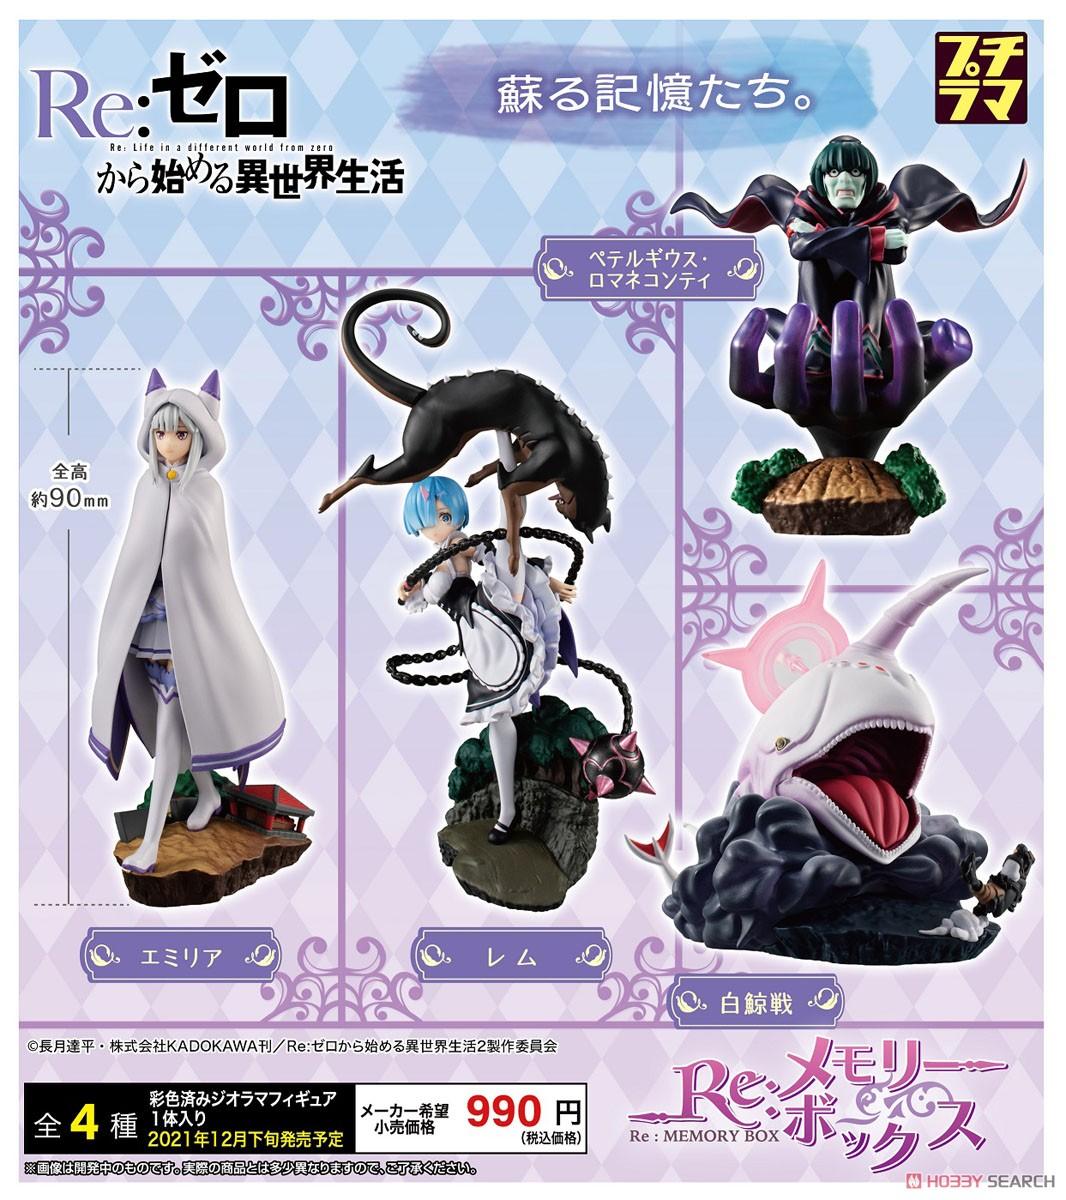 プチラマ『Re:ゼロから始める異世界生活 Re:メモリーボックス』4個入りBOX-006